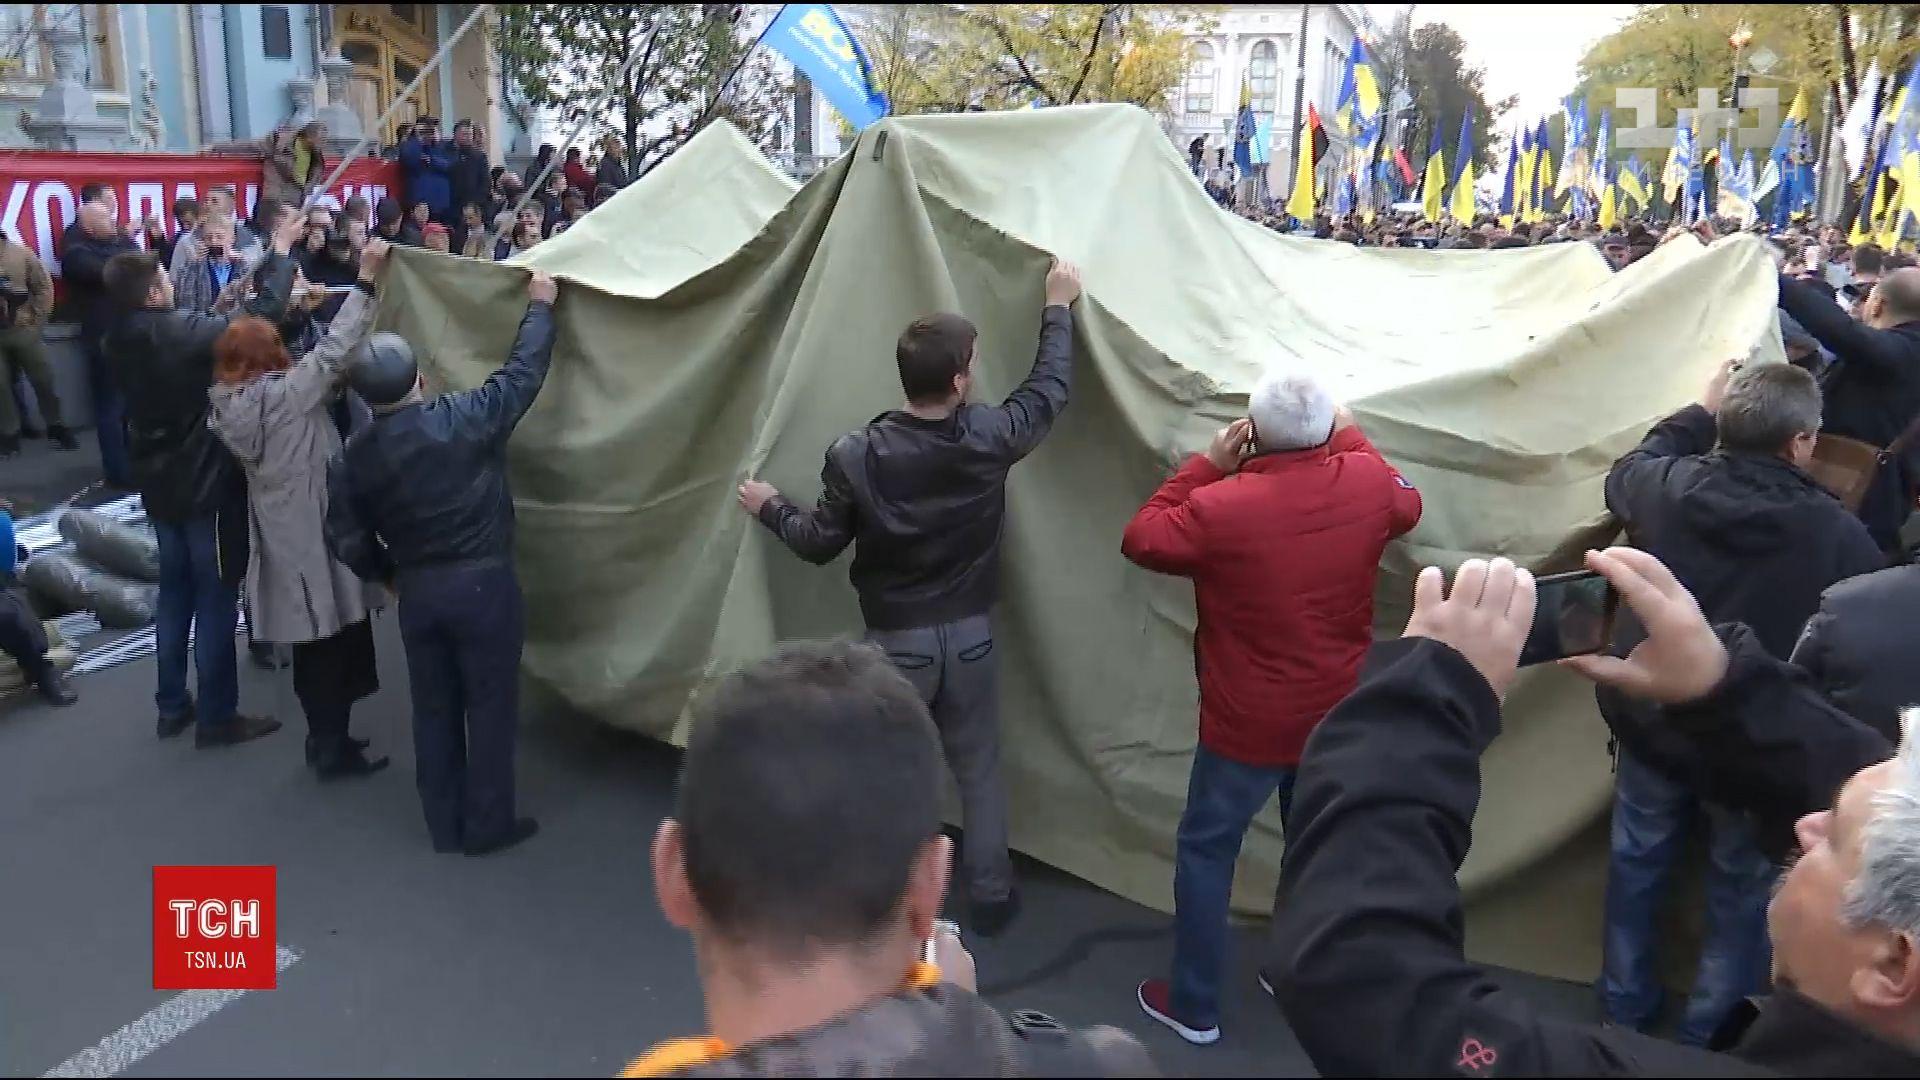 Активисты также заявили, что некоторые политики раздают деньги вблизи палаточного городка / скриншот